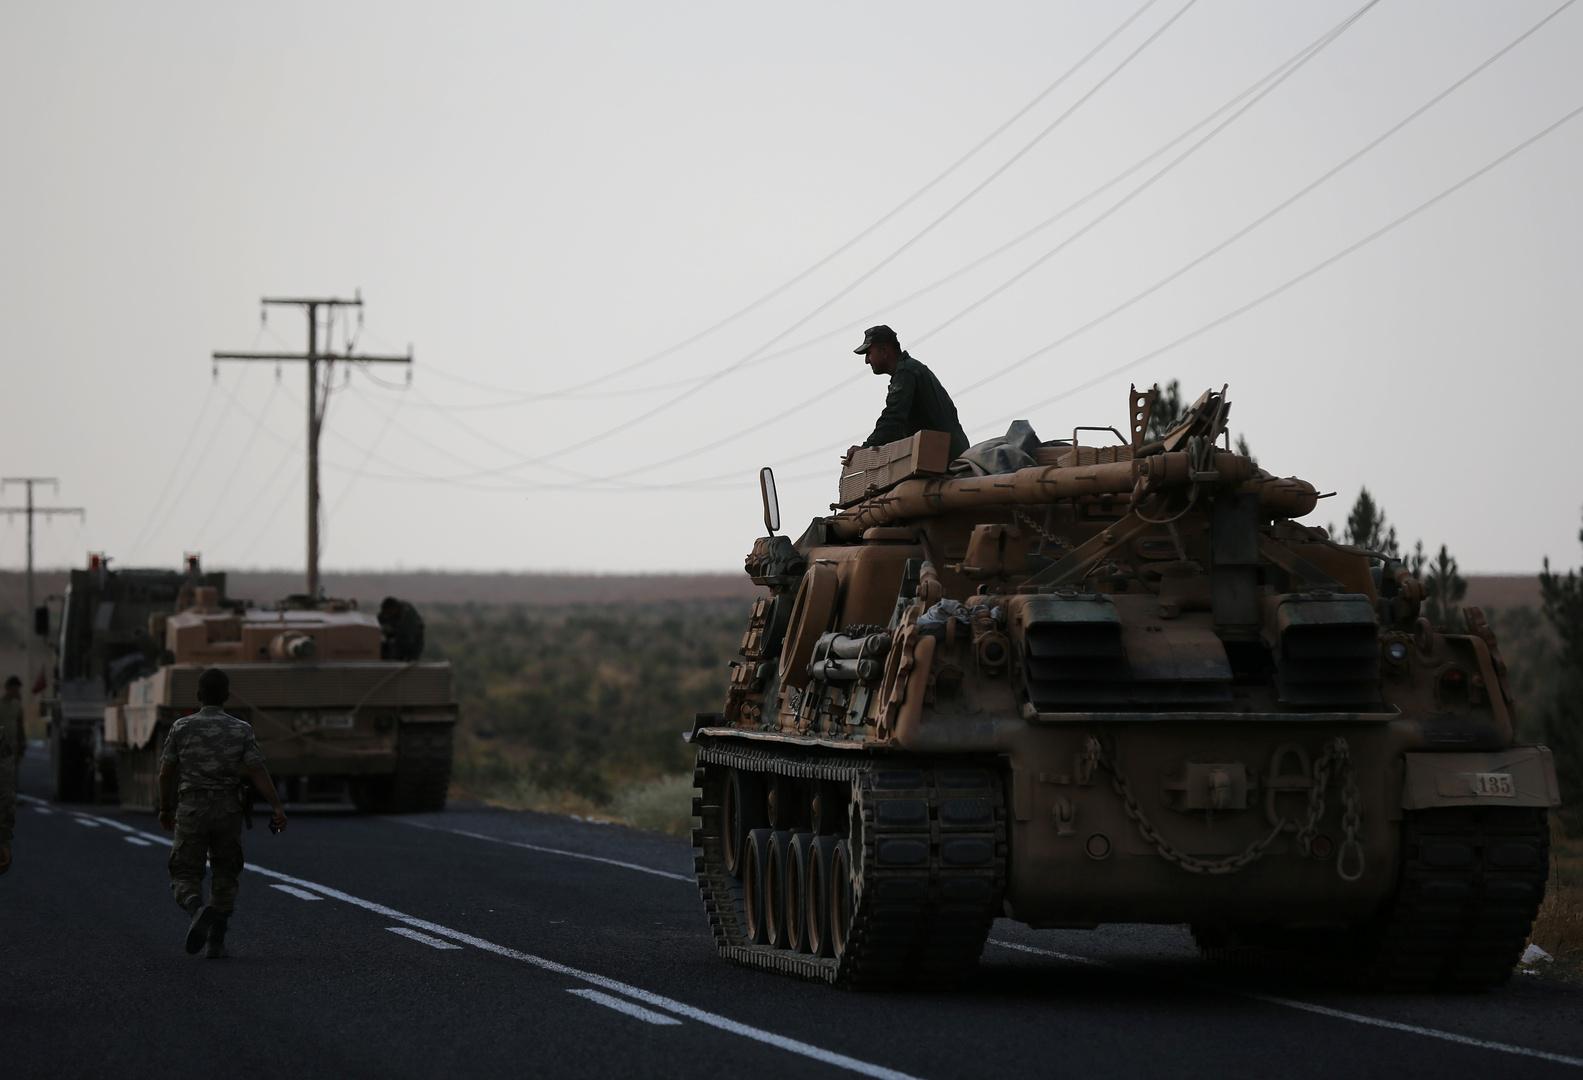 الجيش التركي يواصل تعزيز مواقعه شمالي سوريا بعد مقتل جنديين بهجوم شنته مجموعات متطرفة